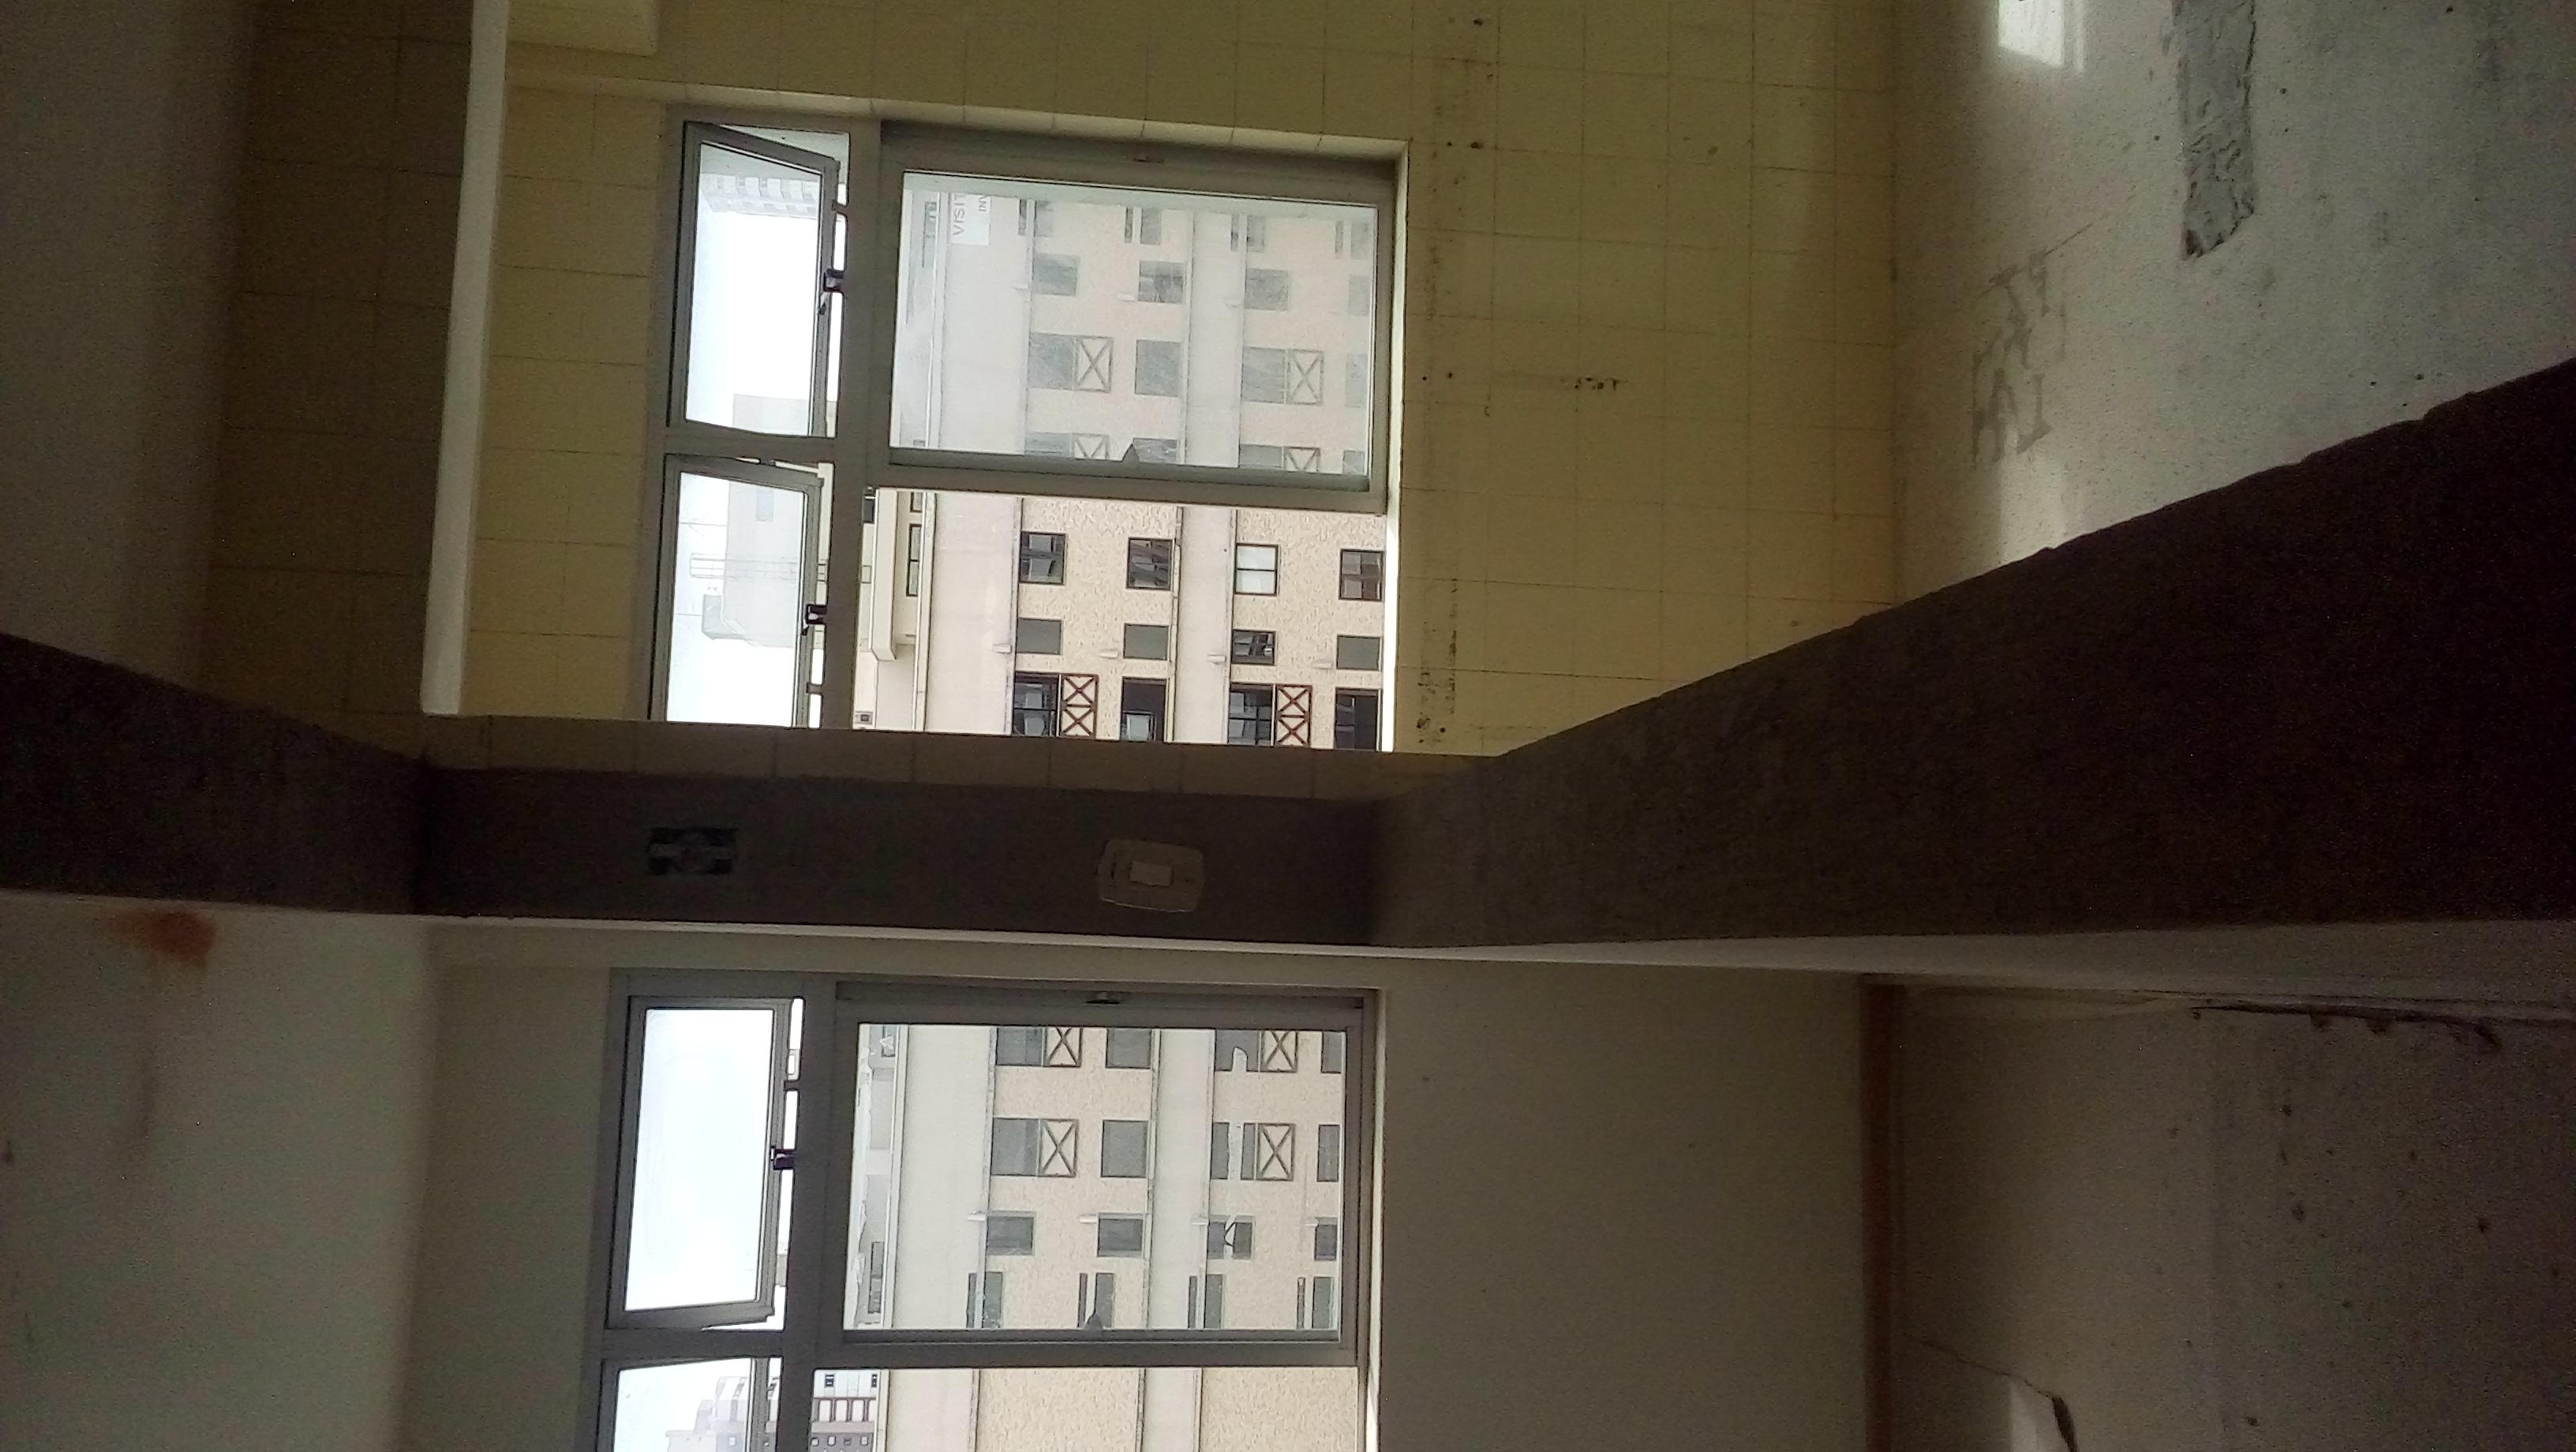 5 - Reforma Apartamento Simone Fecci Eng